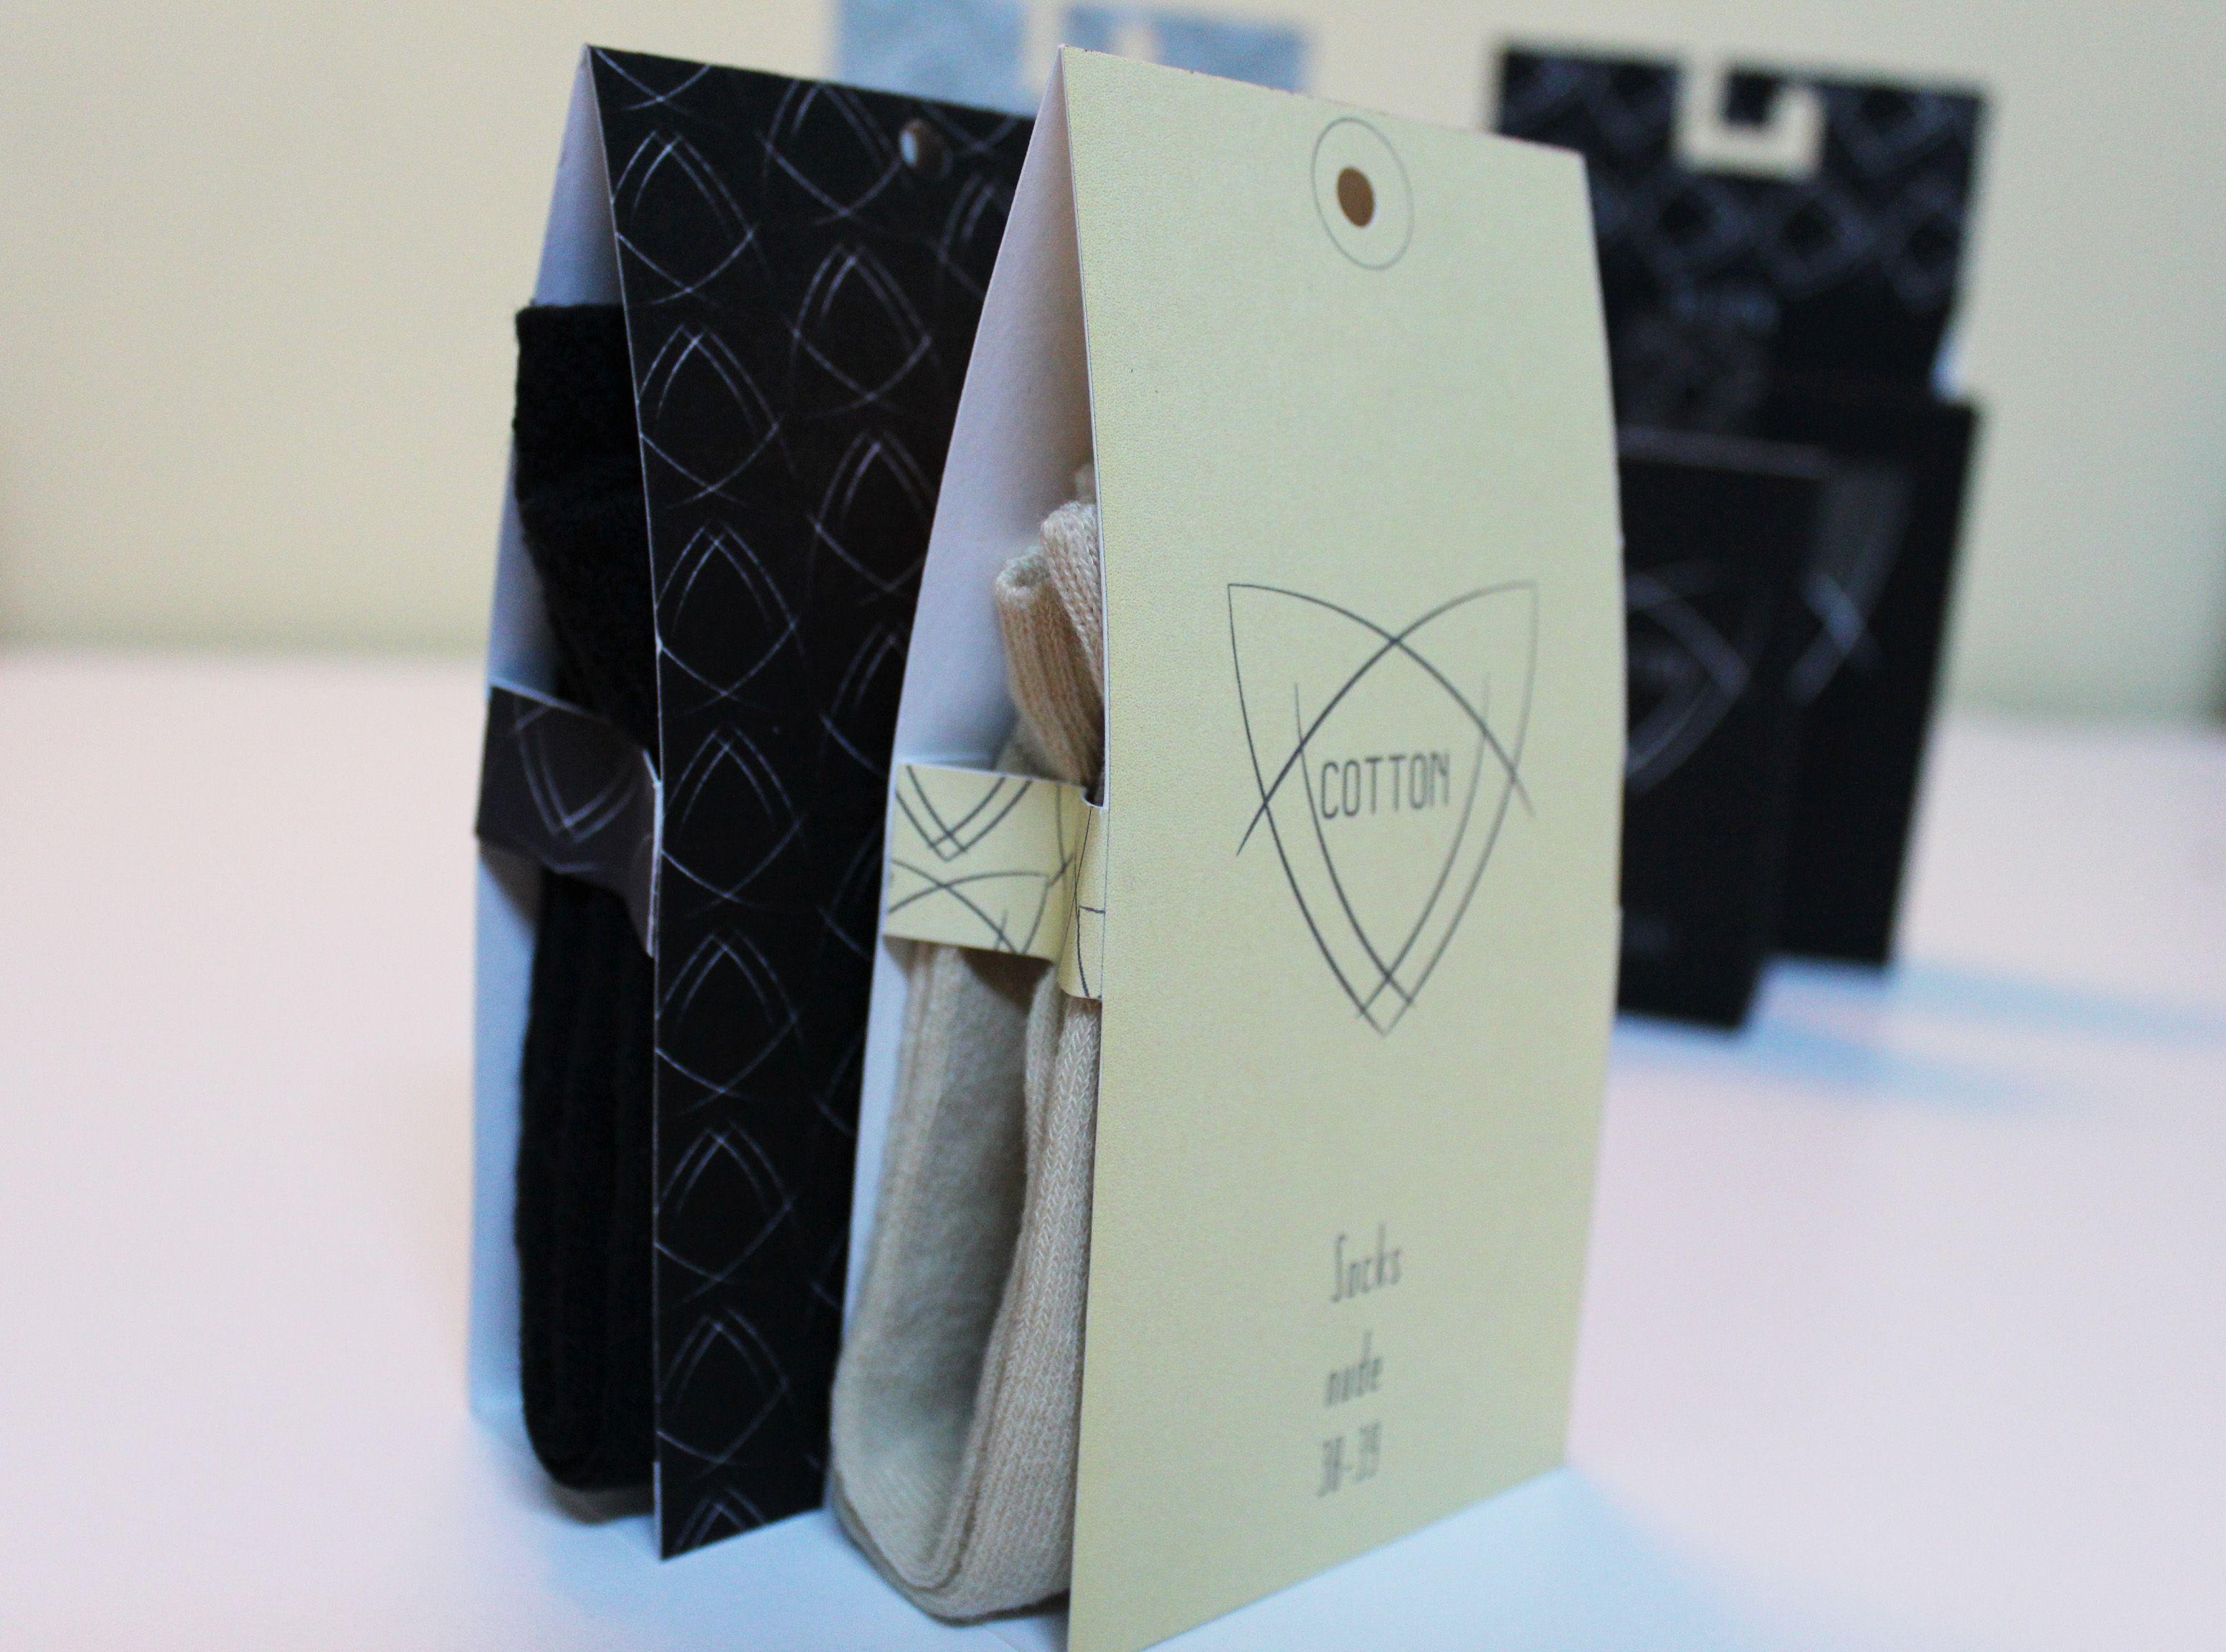 Tights U0026 Socks Package Design By Ayu015fegu00fcl U00c7orok | My Packaging Design - By Ayu015fegu00fcl U00c7orok ...